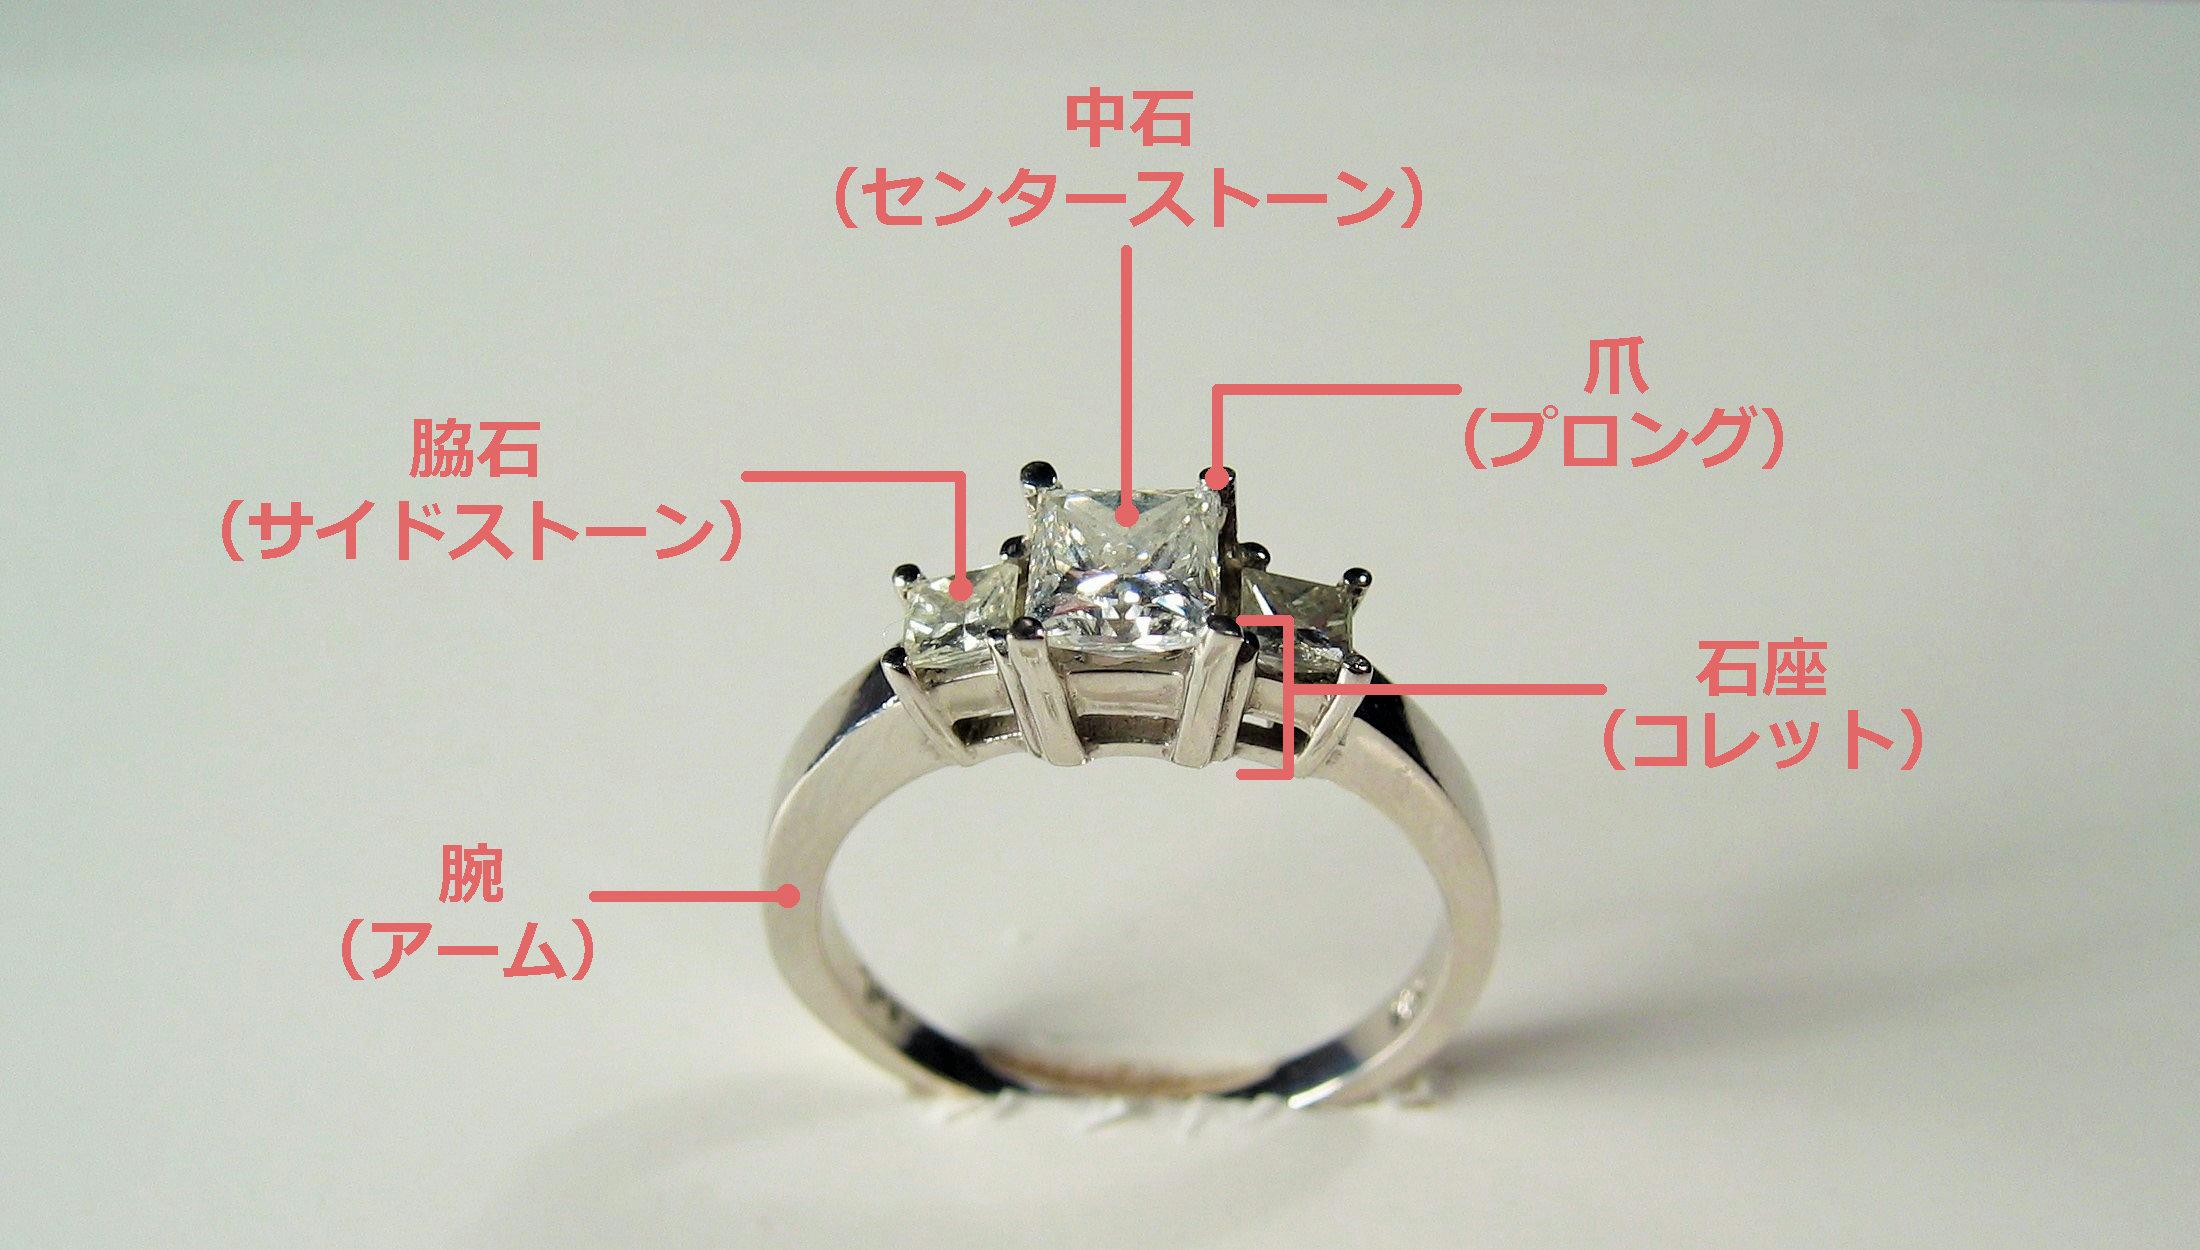 指輪 各パーツの名称